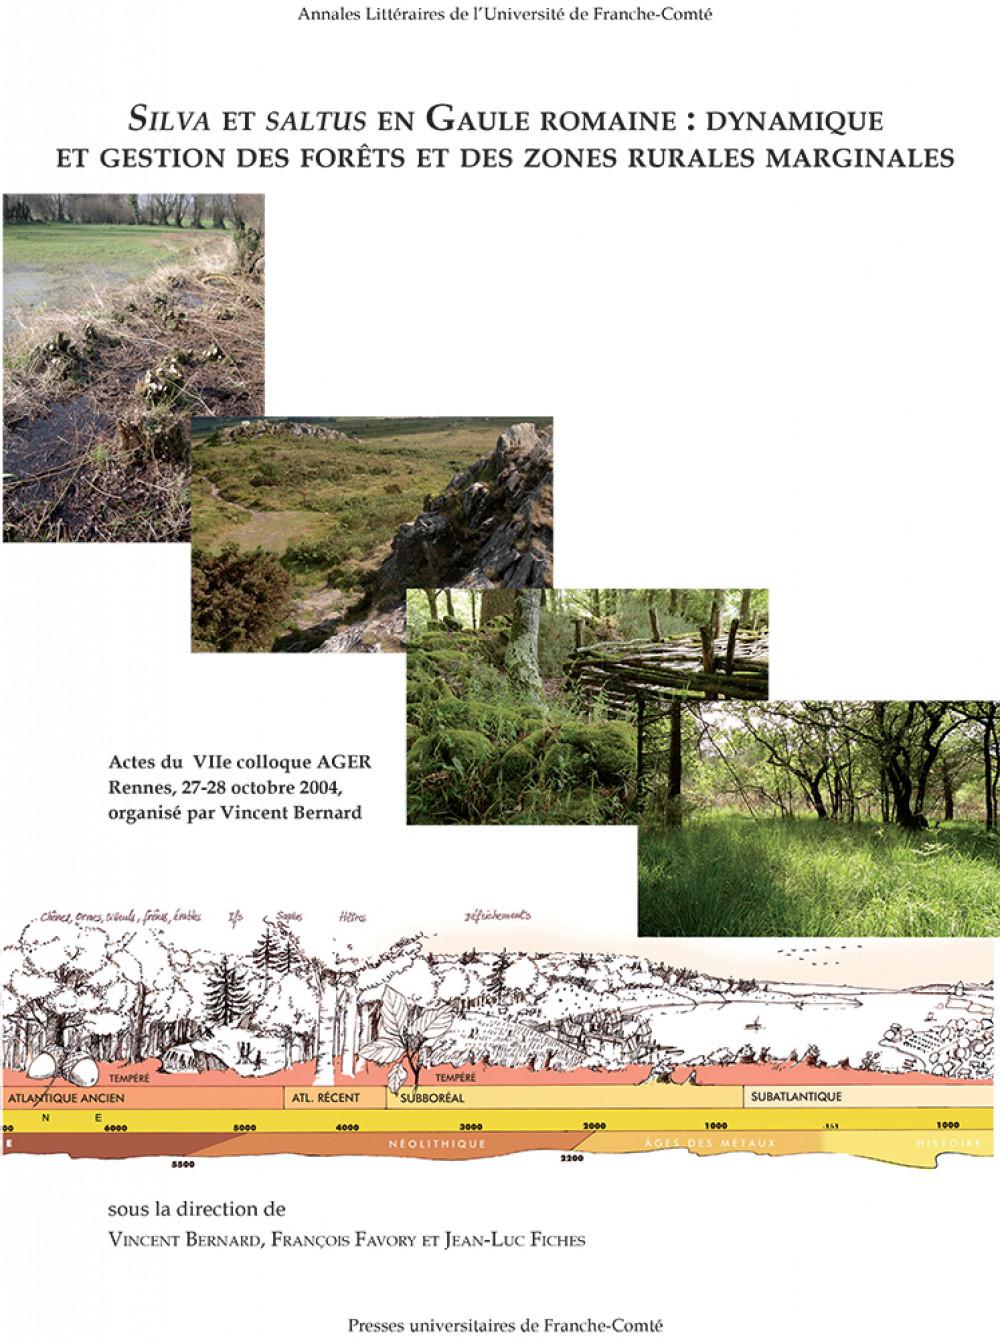 <i>Silva et saltus</i> en Gaule Romaine : dynamique et gestion des forêts et des zones rurales marginales